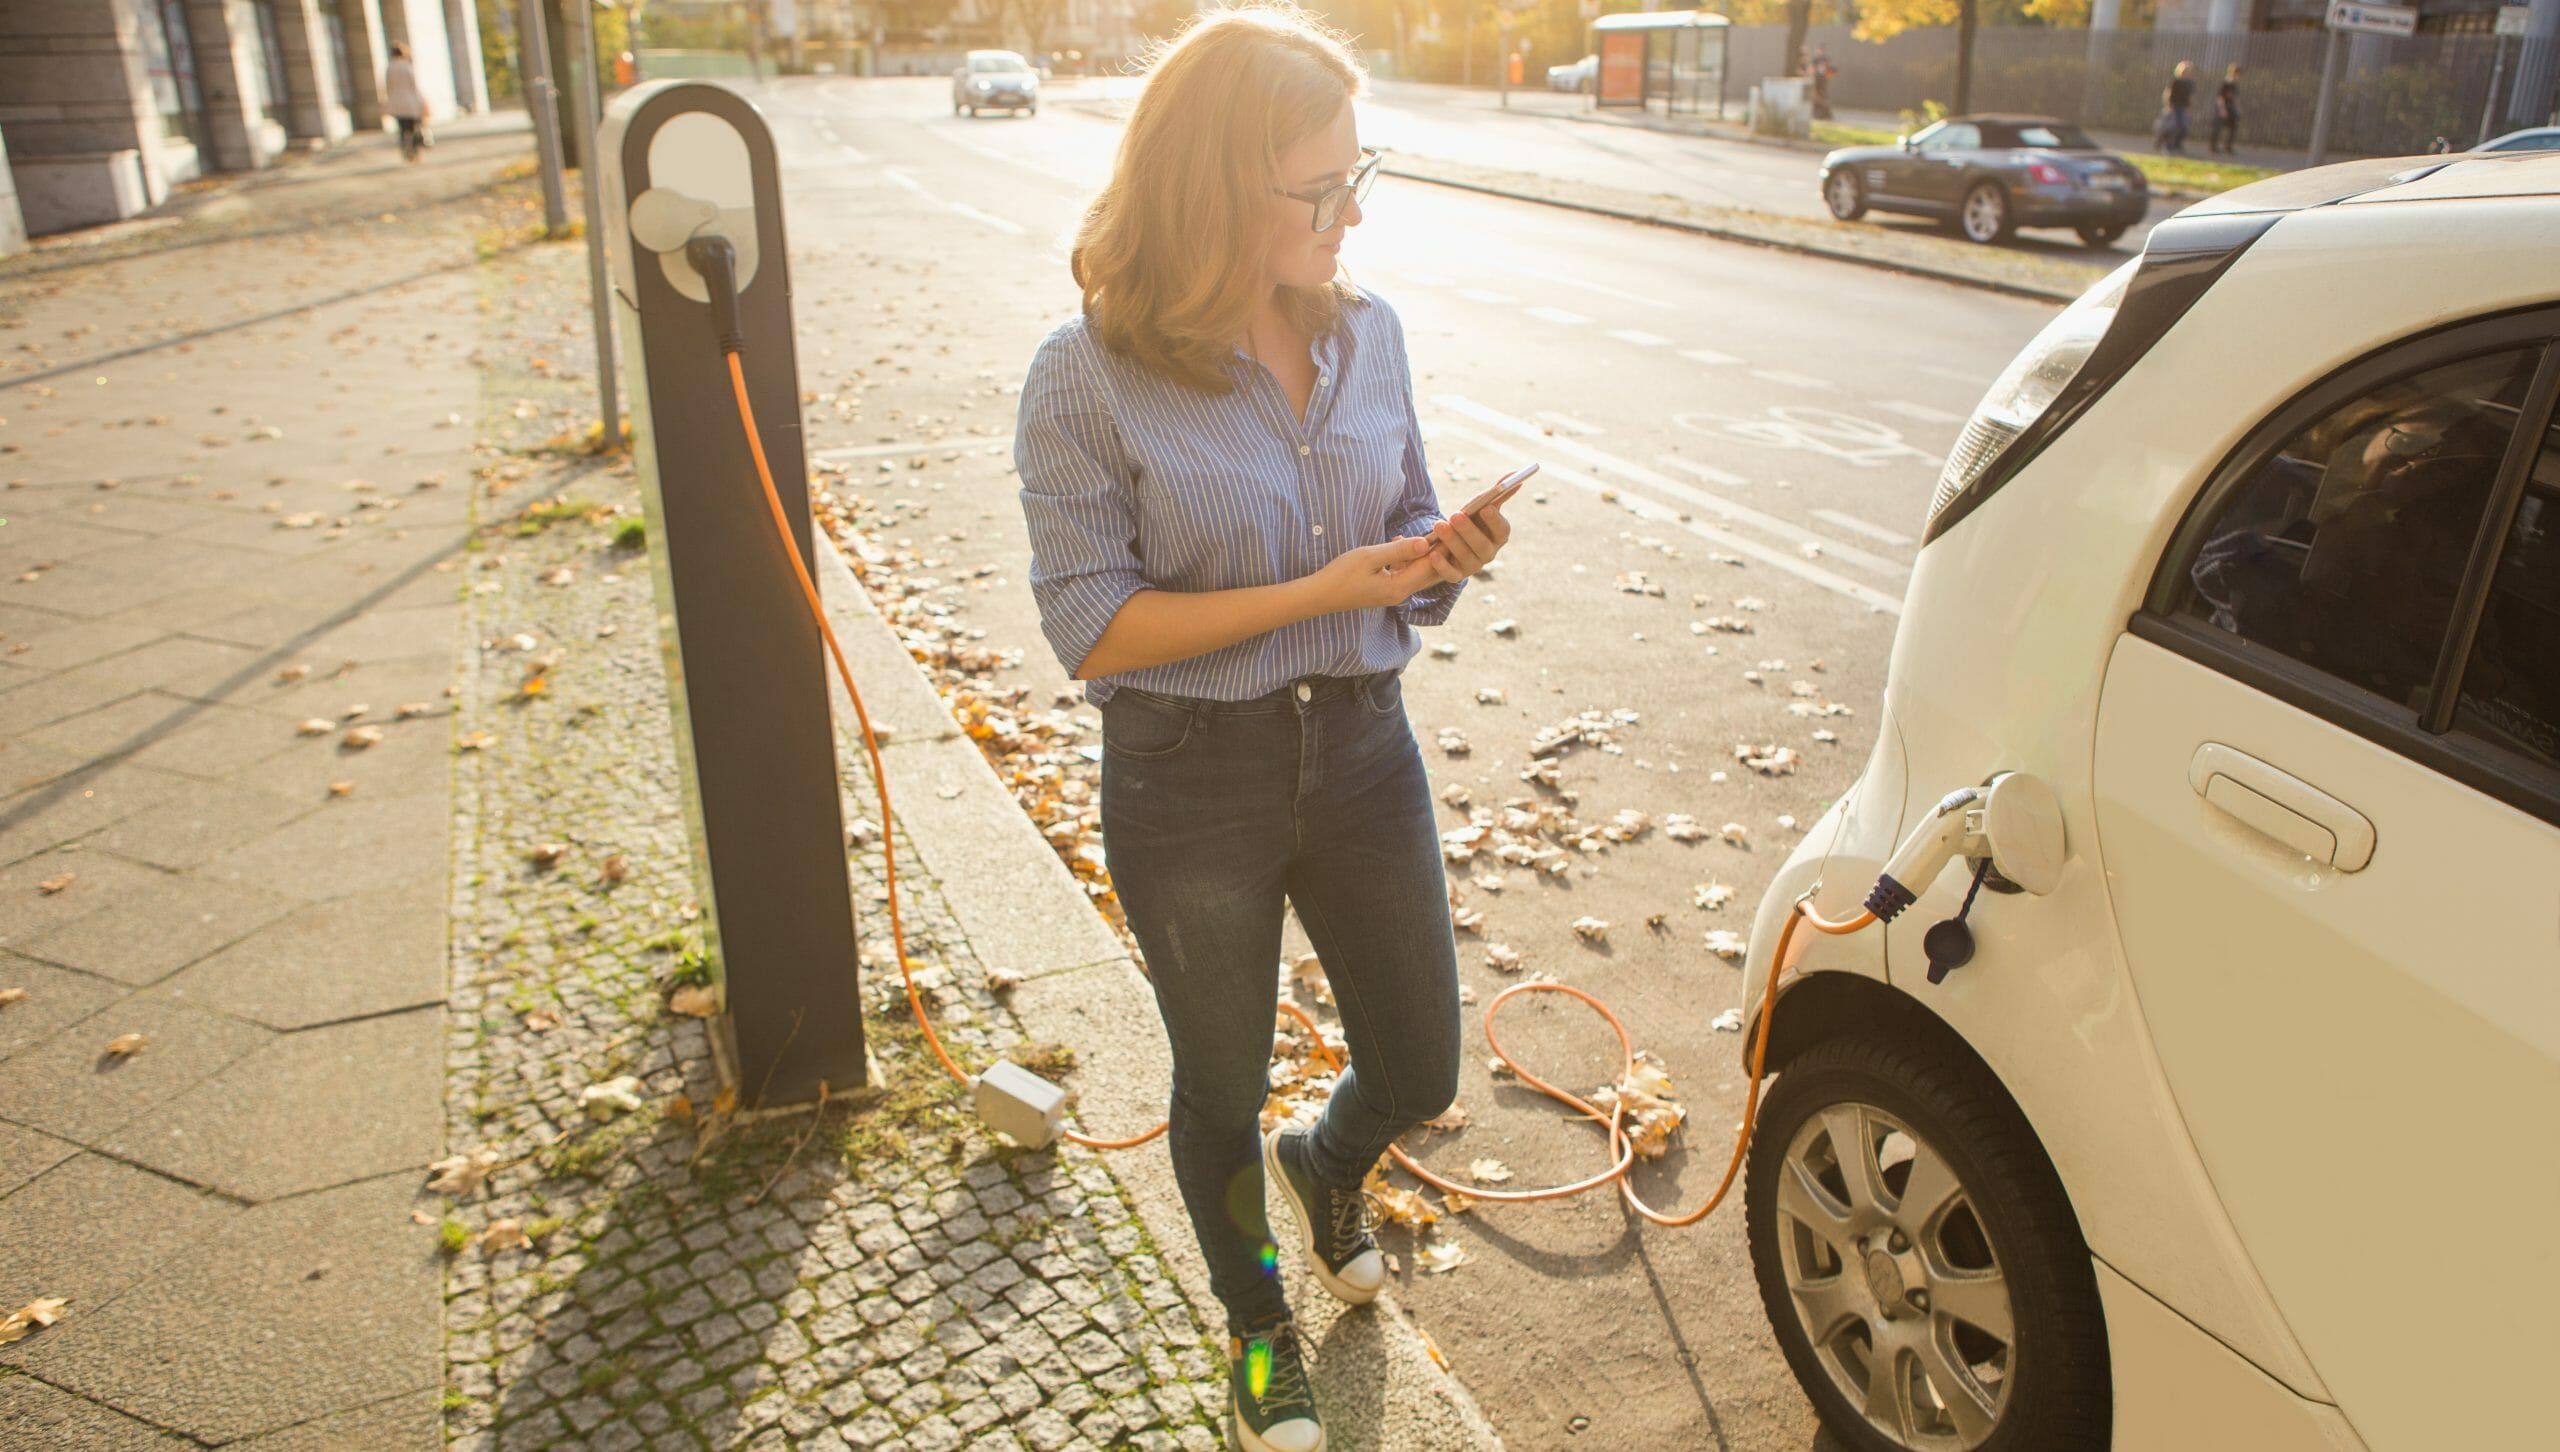 Een vrouw heeft haar elektrische auto op straat verbonden met een laadpaal en heeft haar telefoon in haar hand